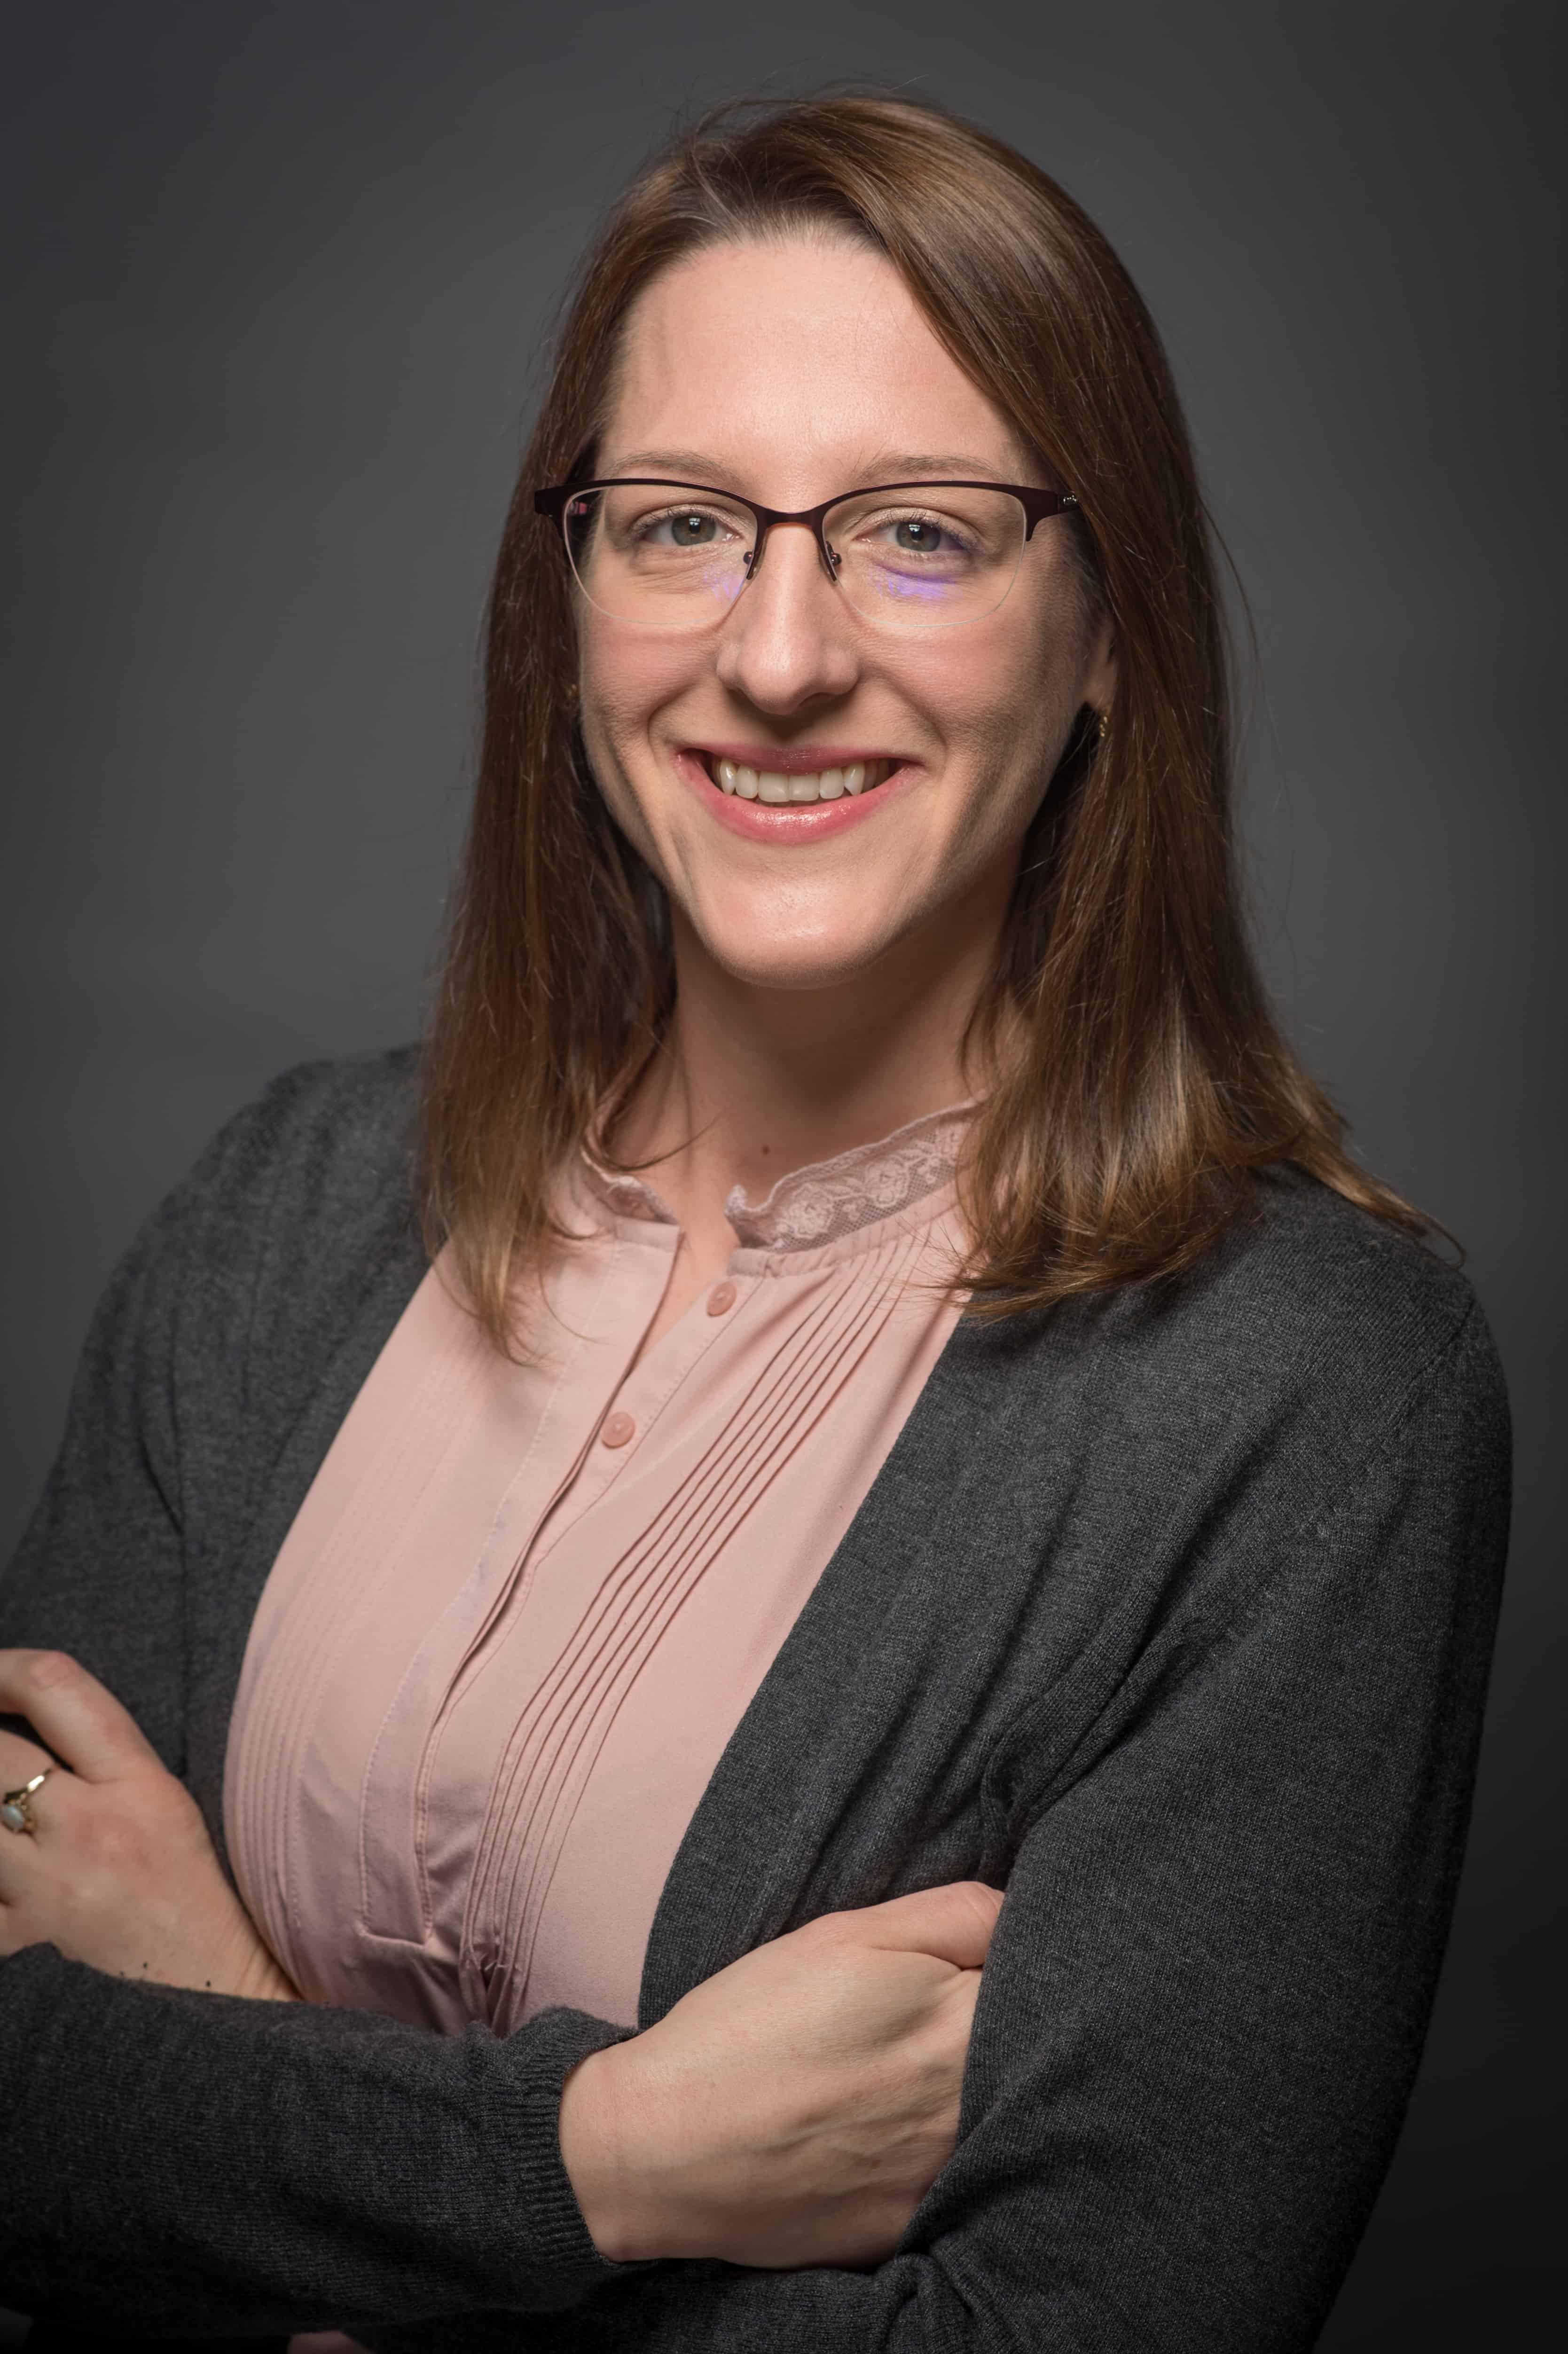 Podiatrist Dr. Maryellen Waltz